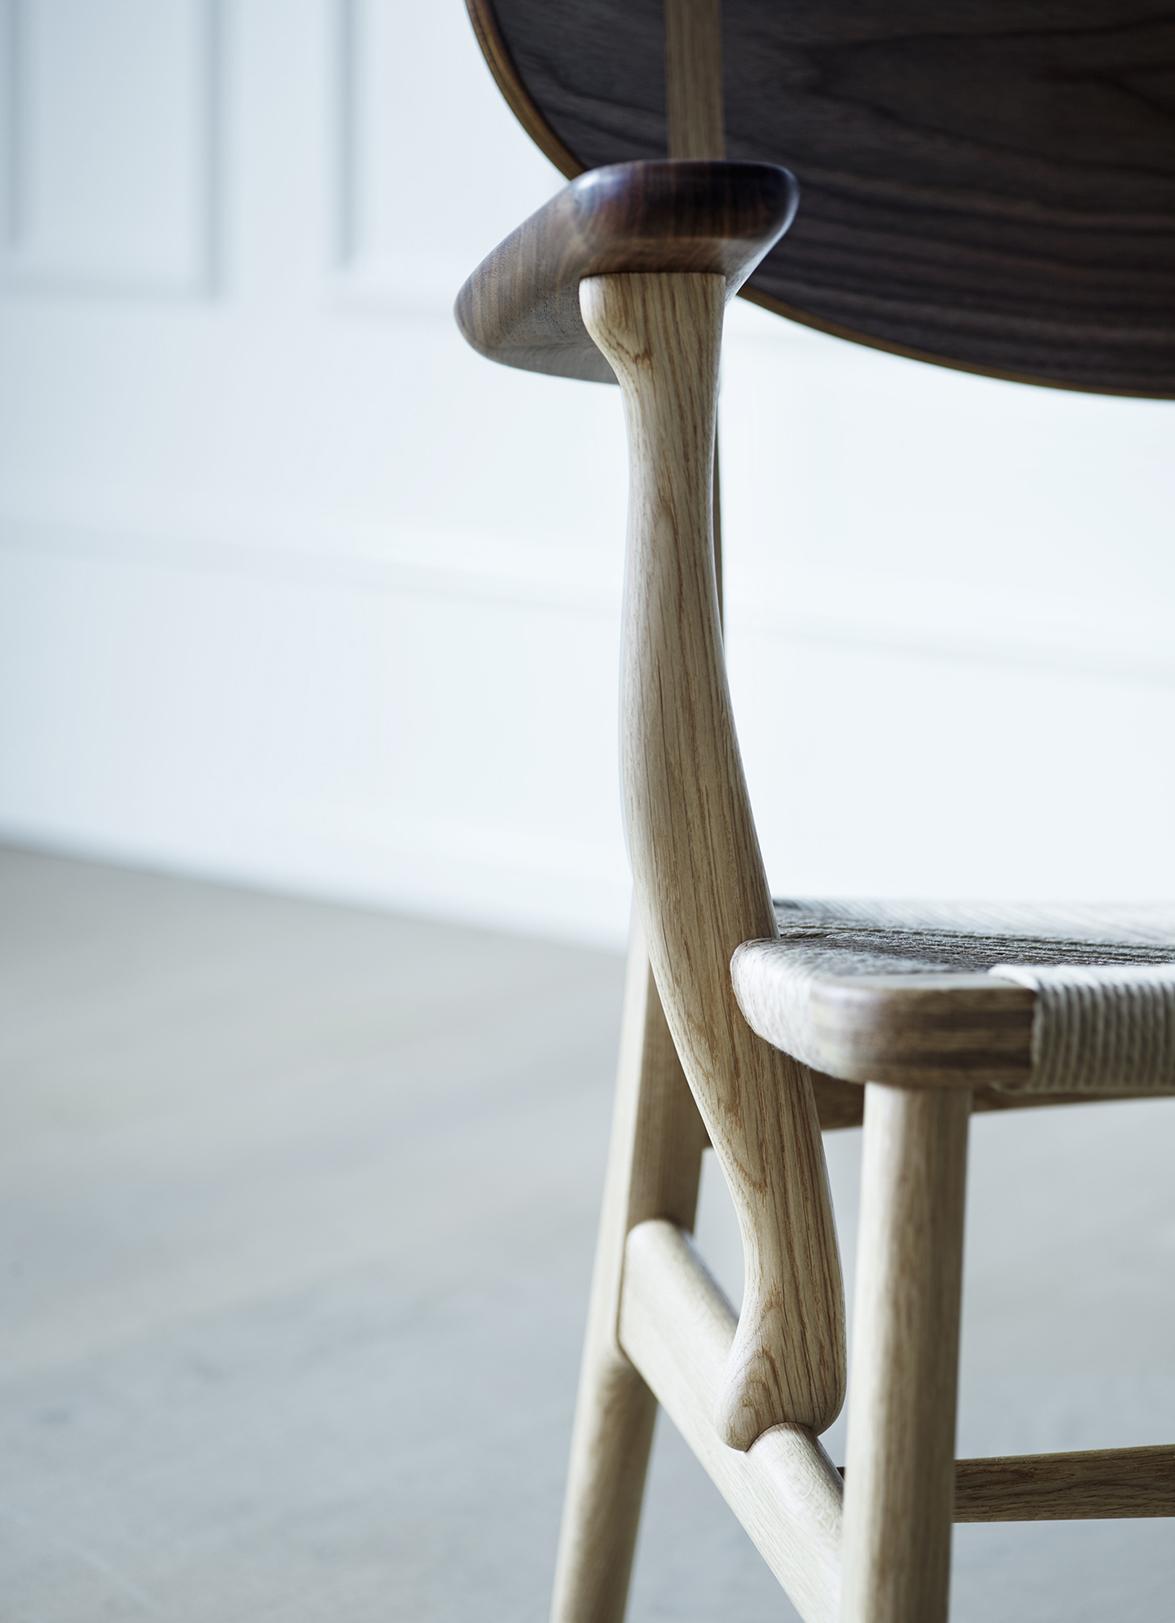 Wegner_CH22-oak-walnut-mix_detail_armrest